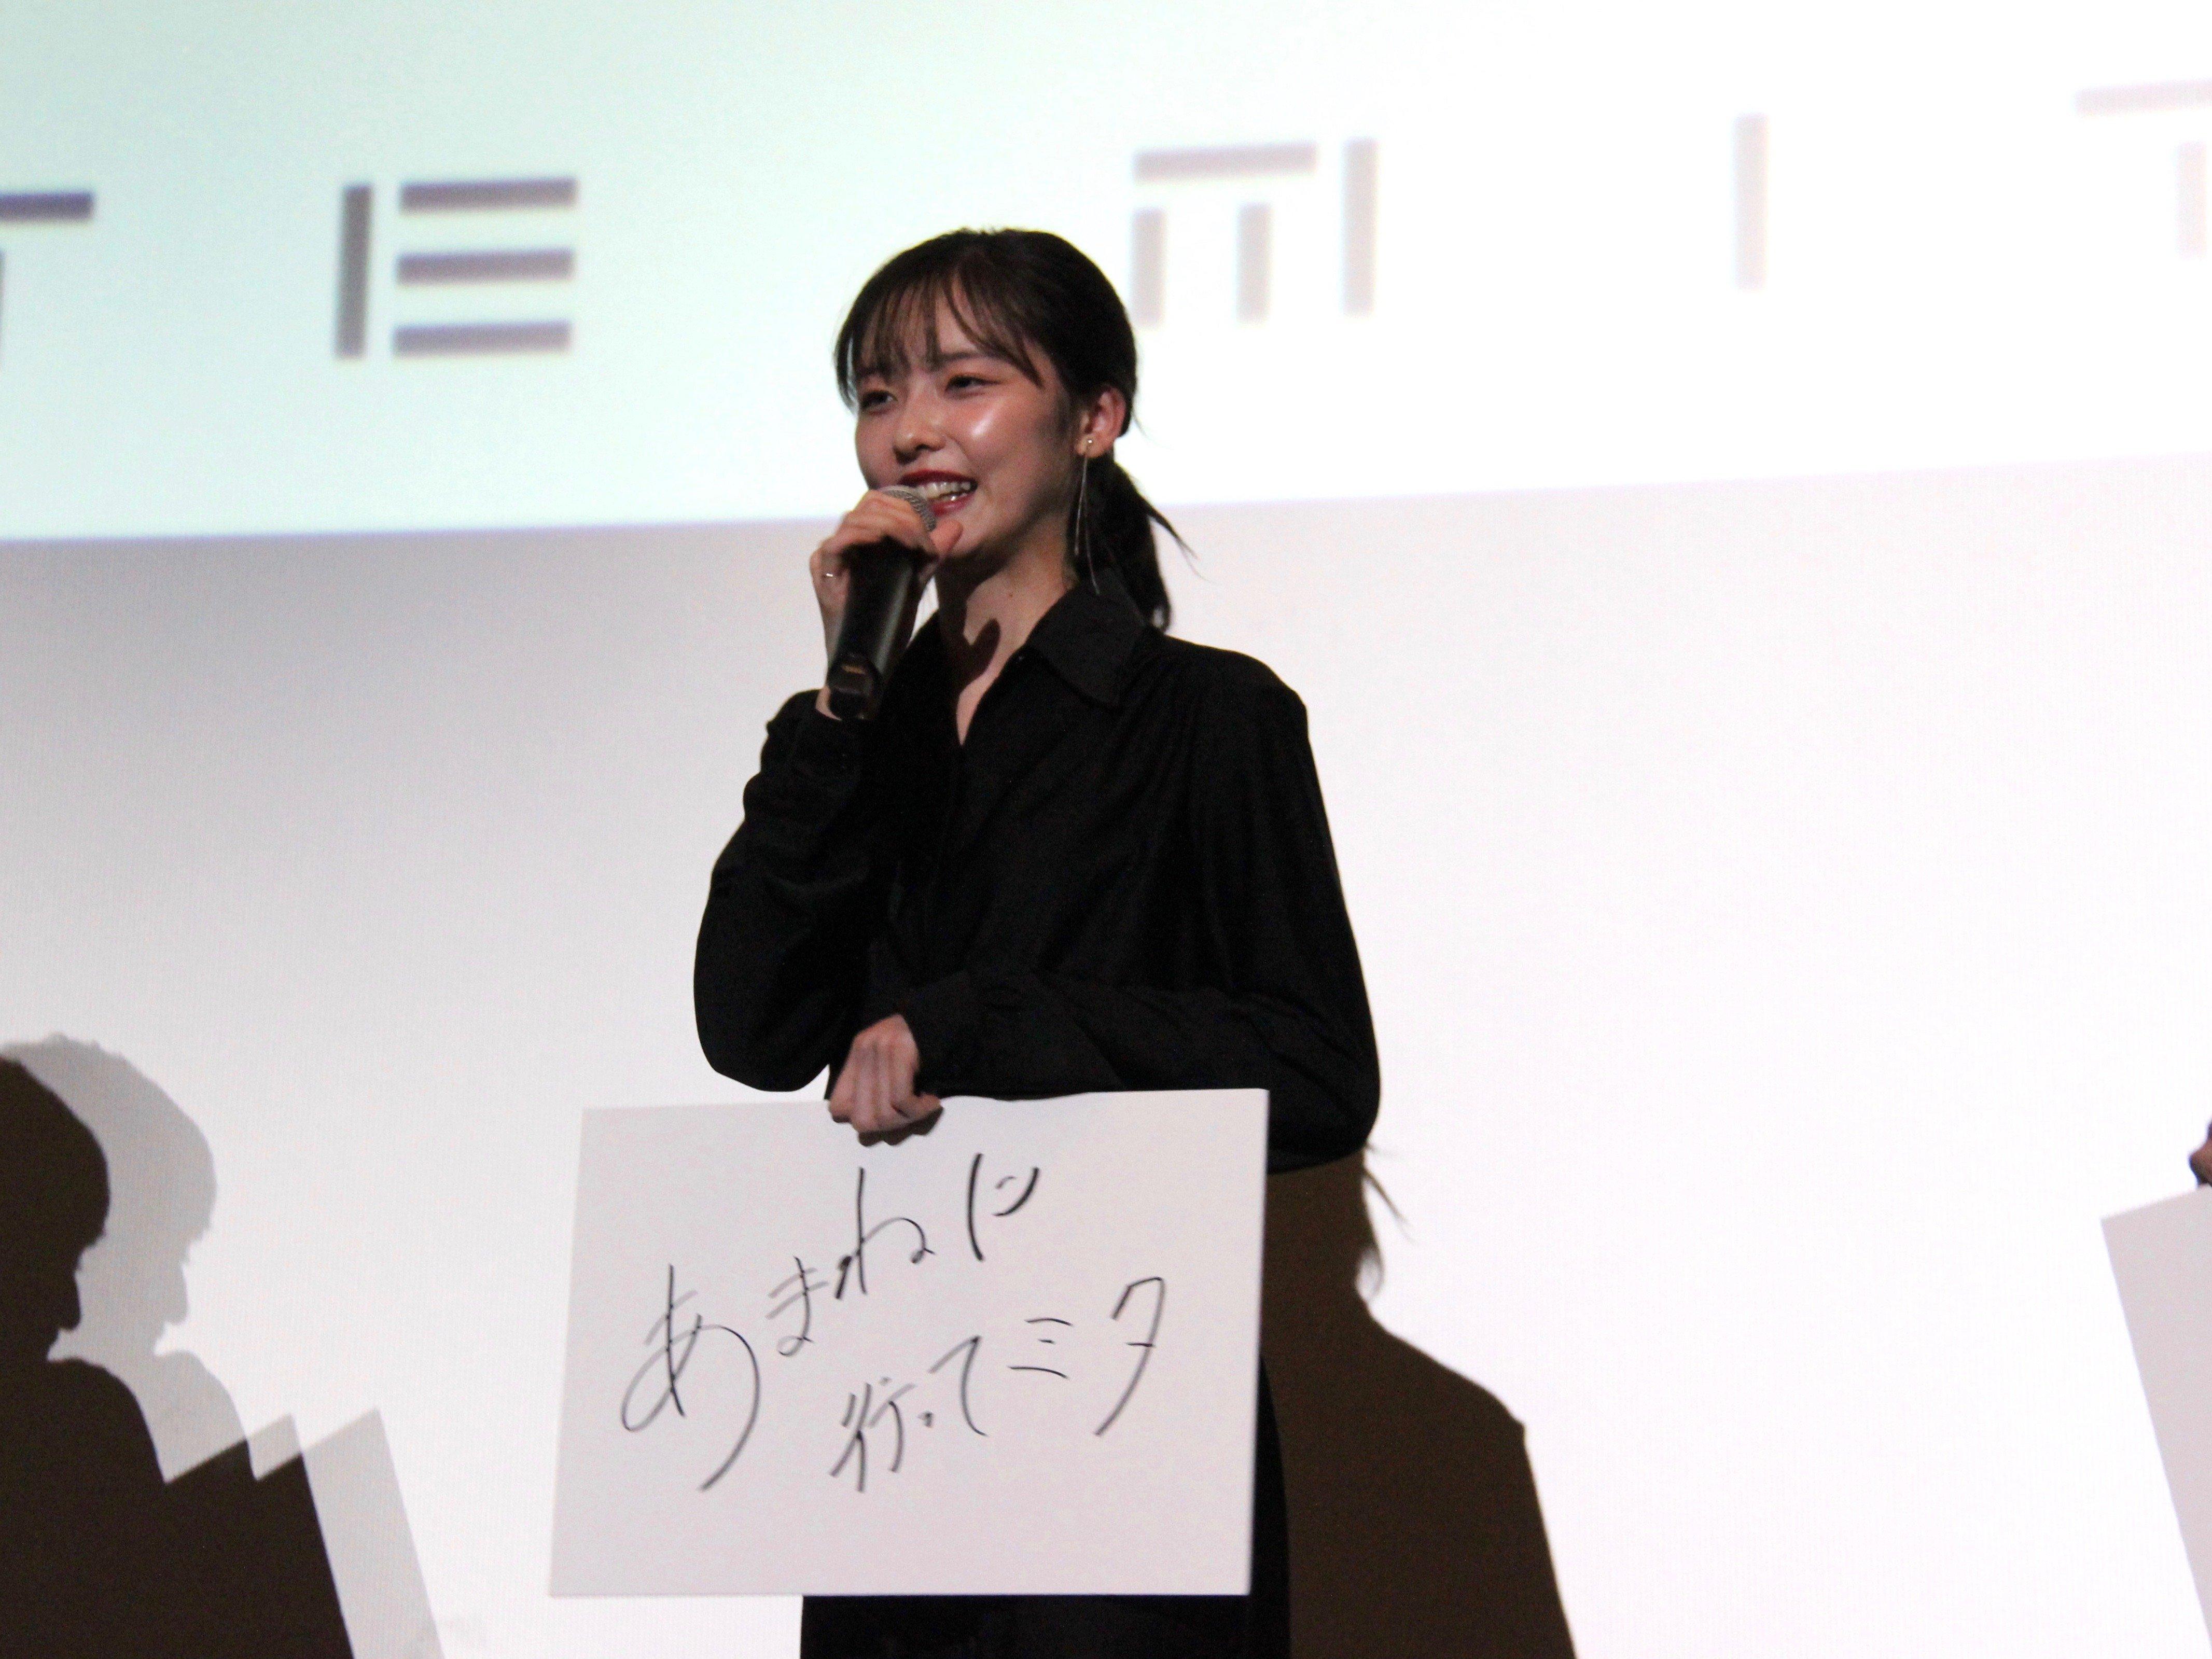 岡山天音「1人飲みして笑ってる」映画『踊ってミタ』舞台挨拶に出演の画像007